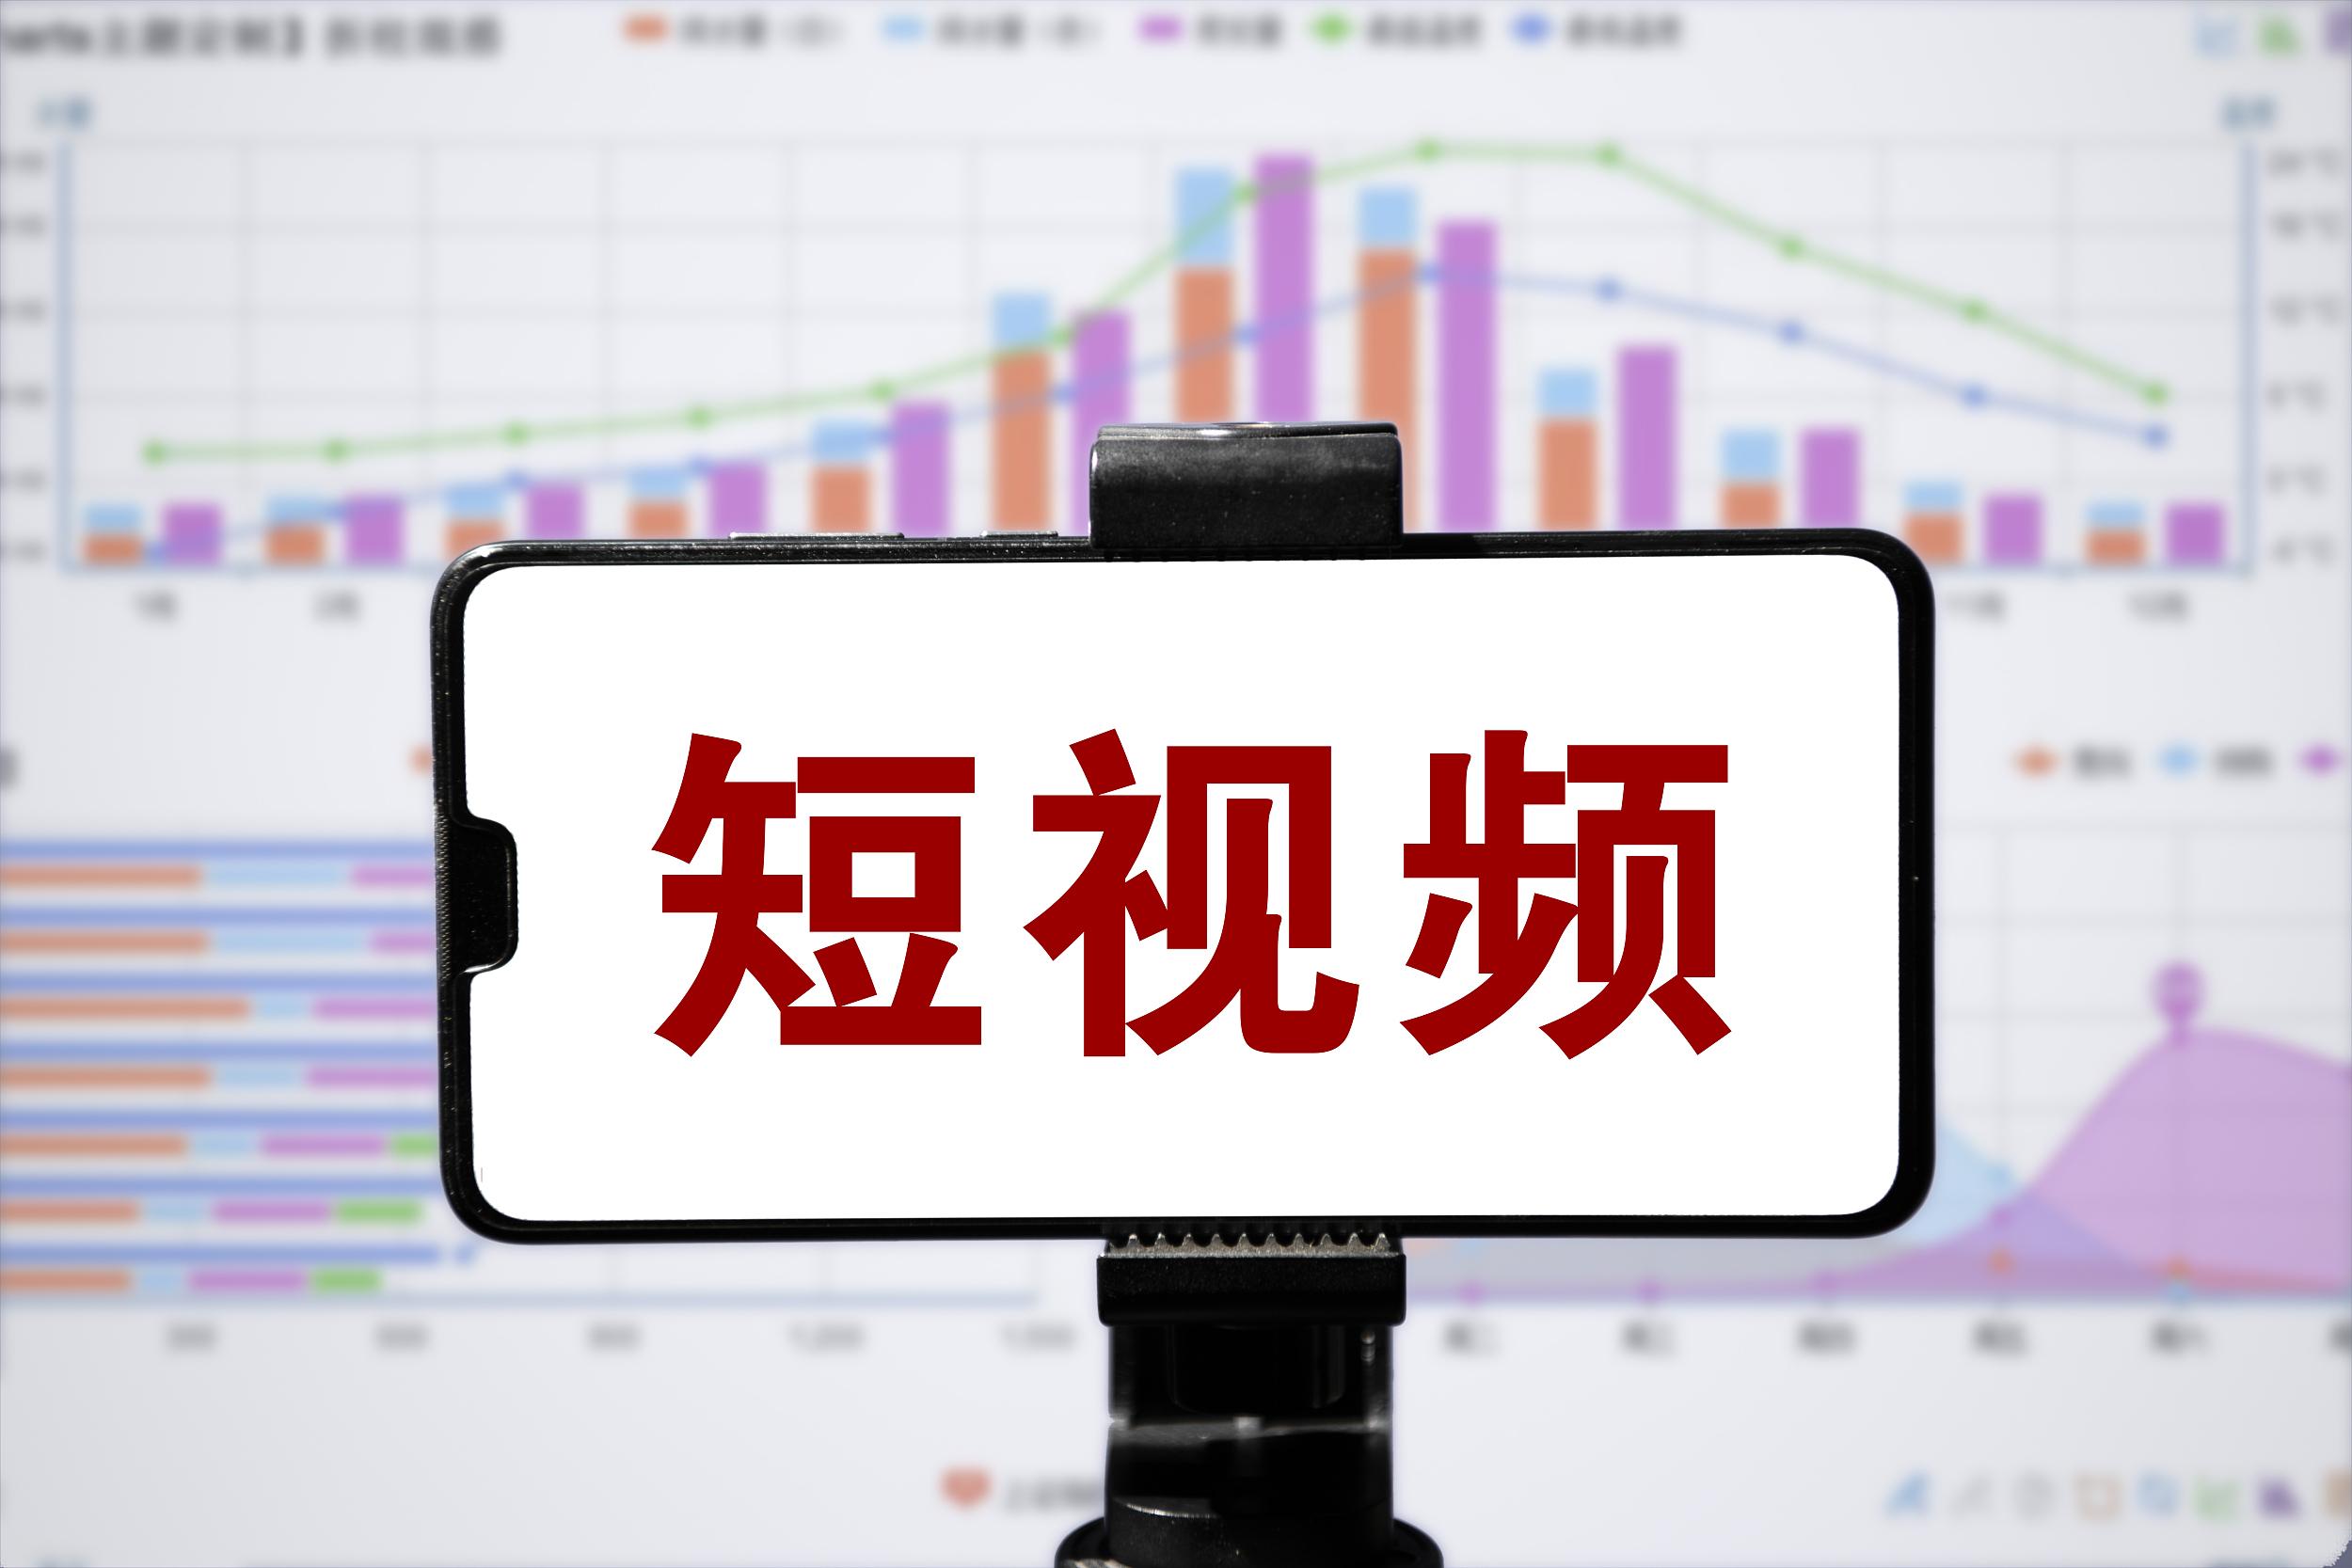 年收60亿!赚京东的钱付给字节,这个短视频运营商踩上风口了?